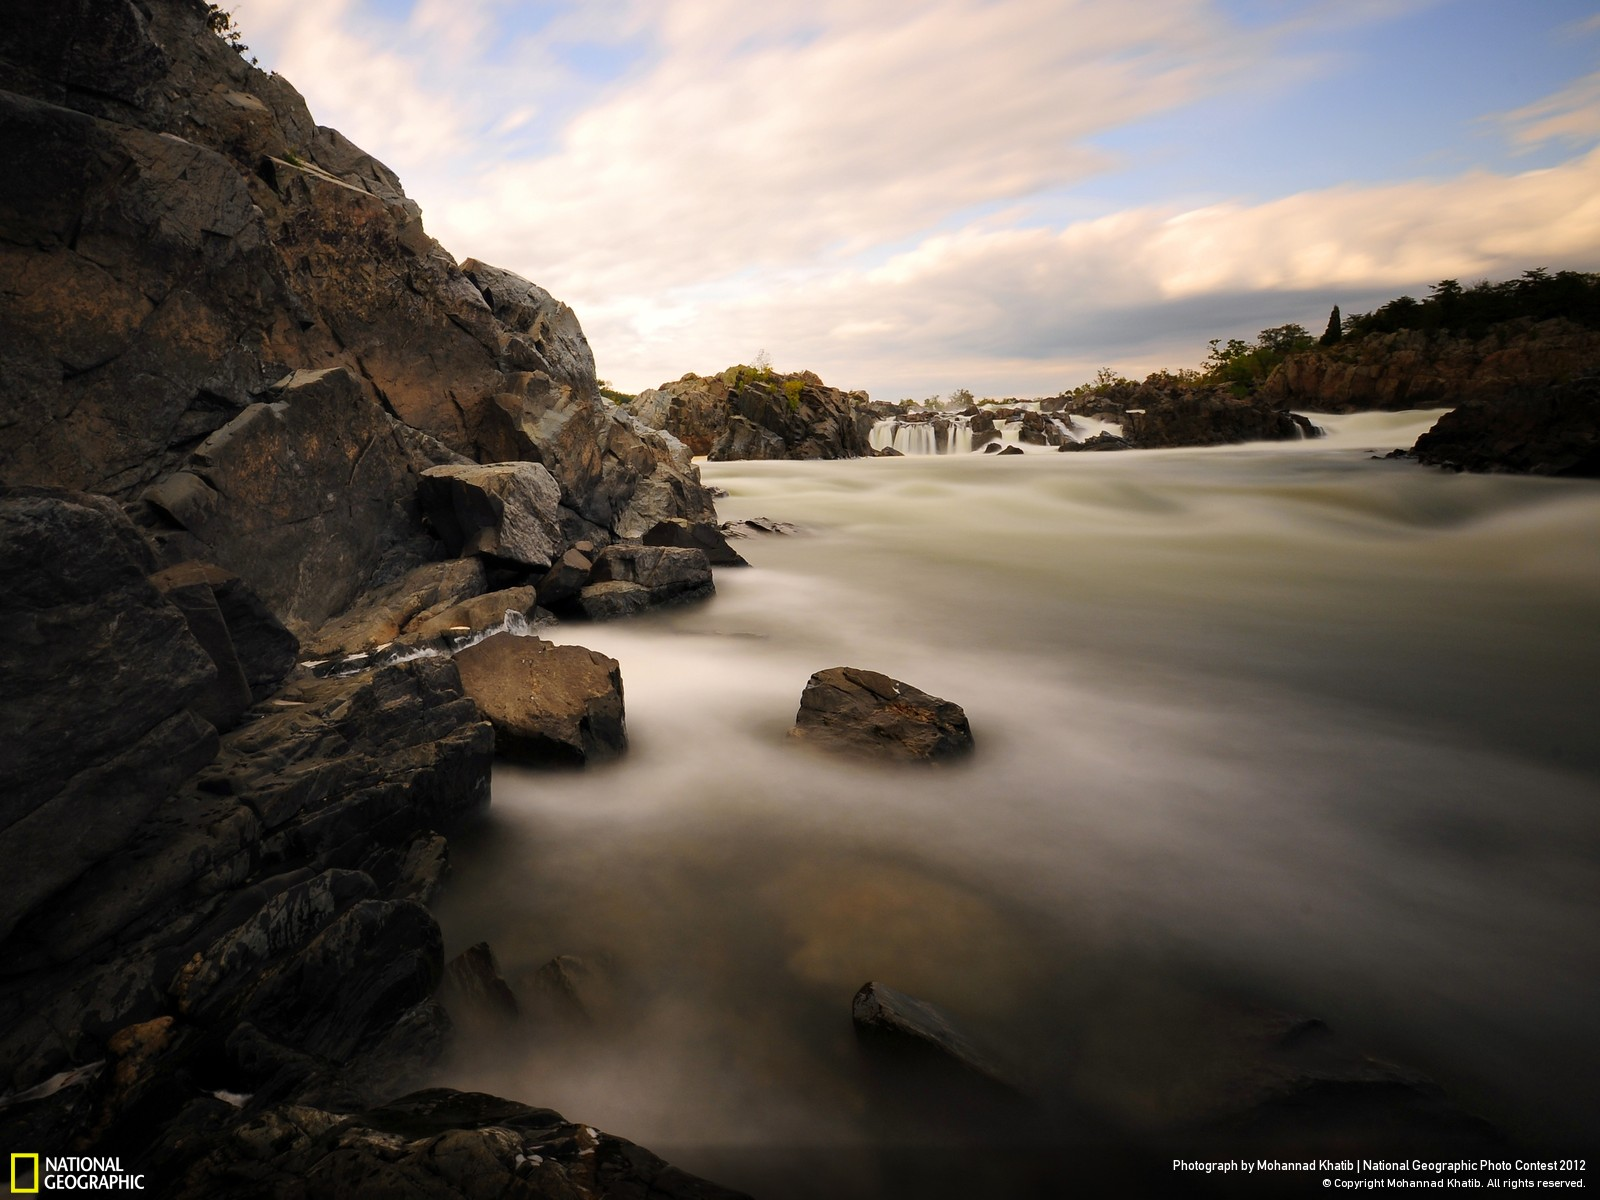 20 Лучшие фотографии за 2012 год по версии National Geographic